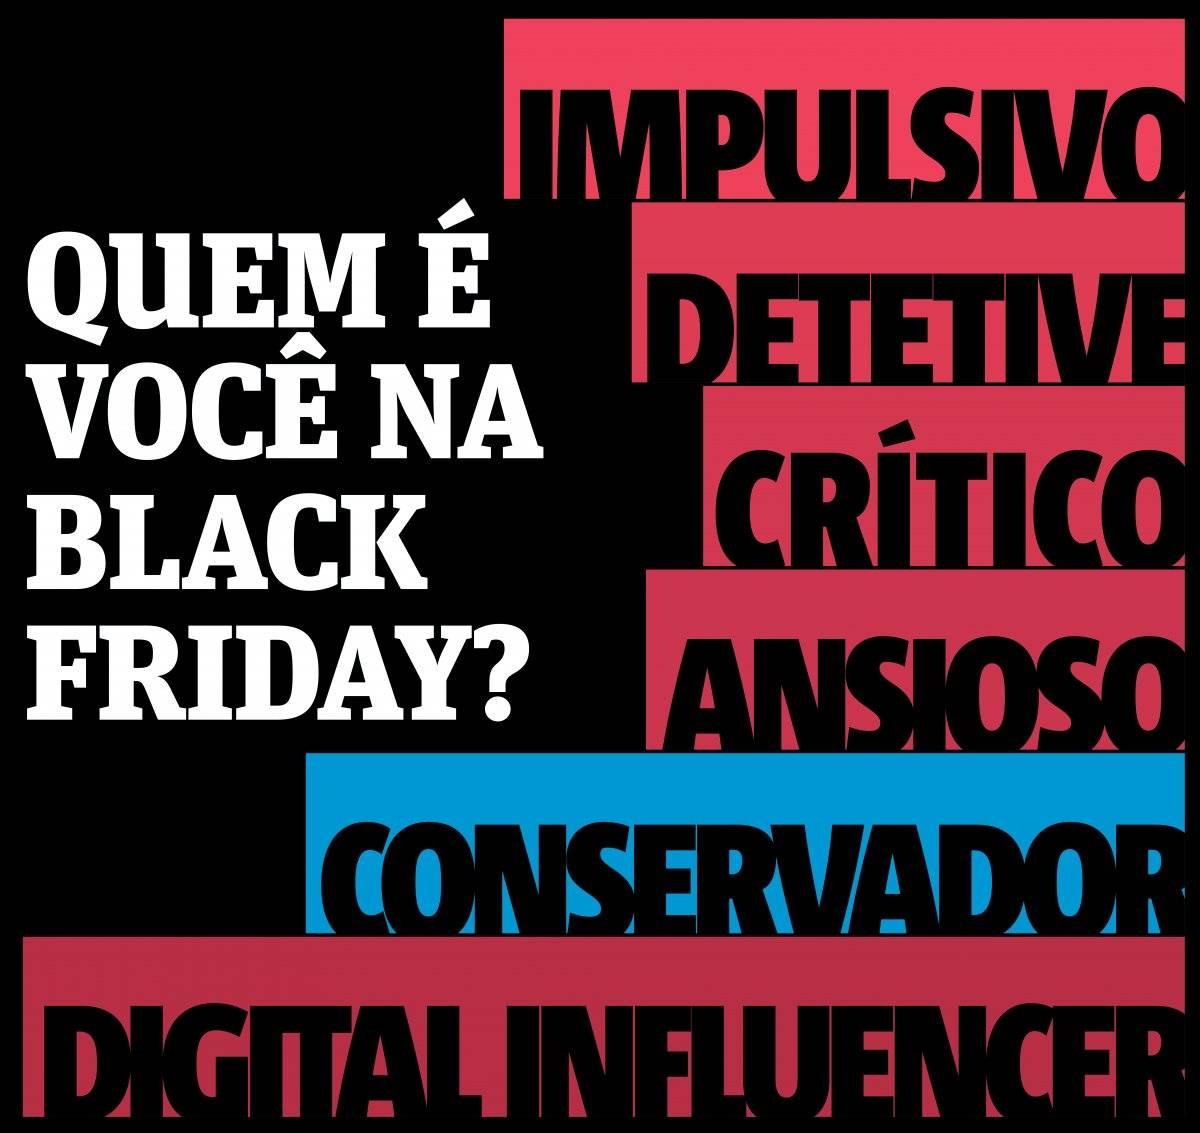 Quem é você na Black Friday